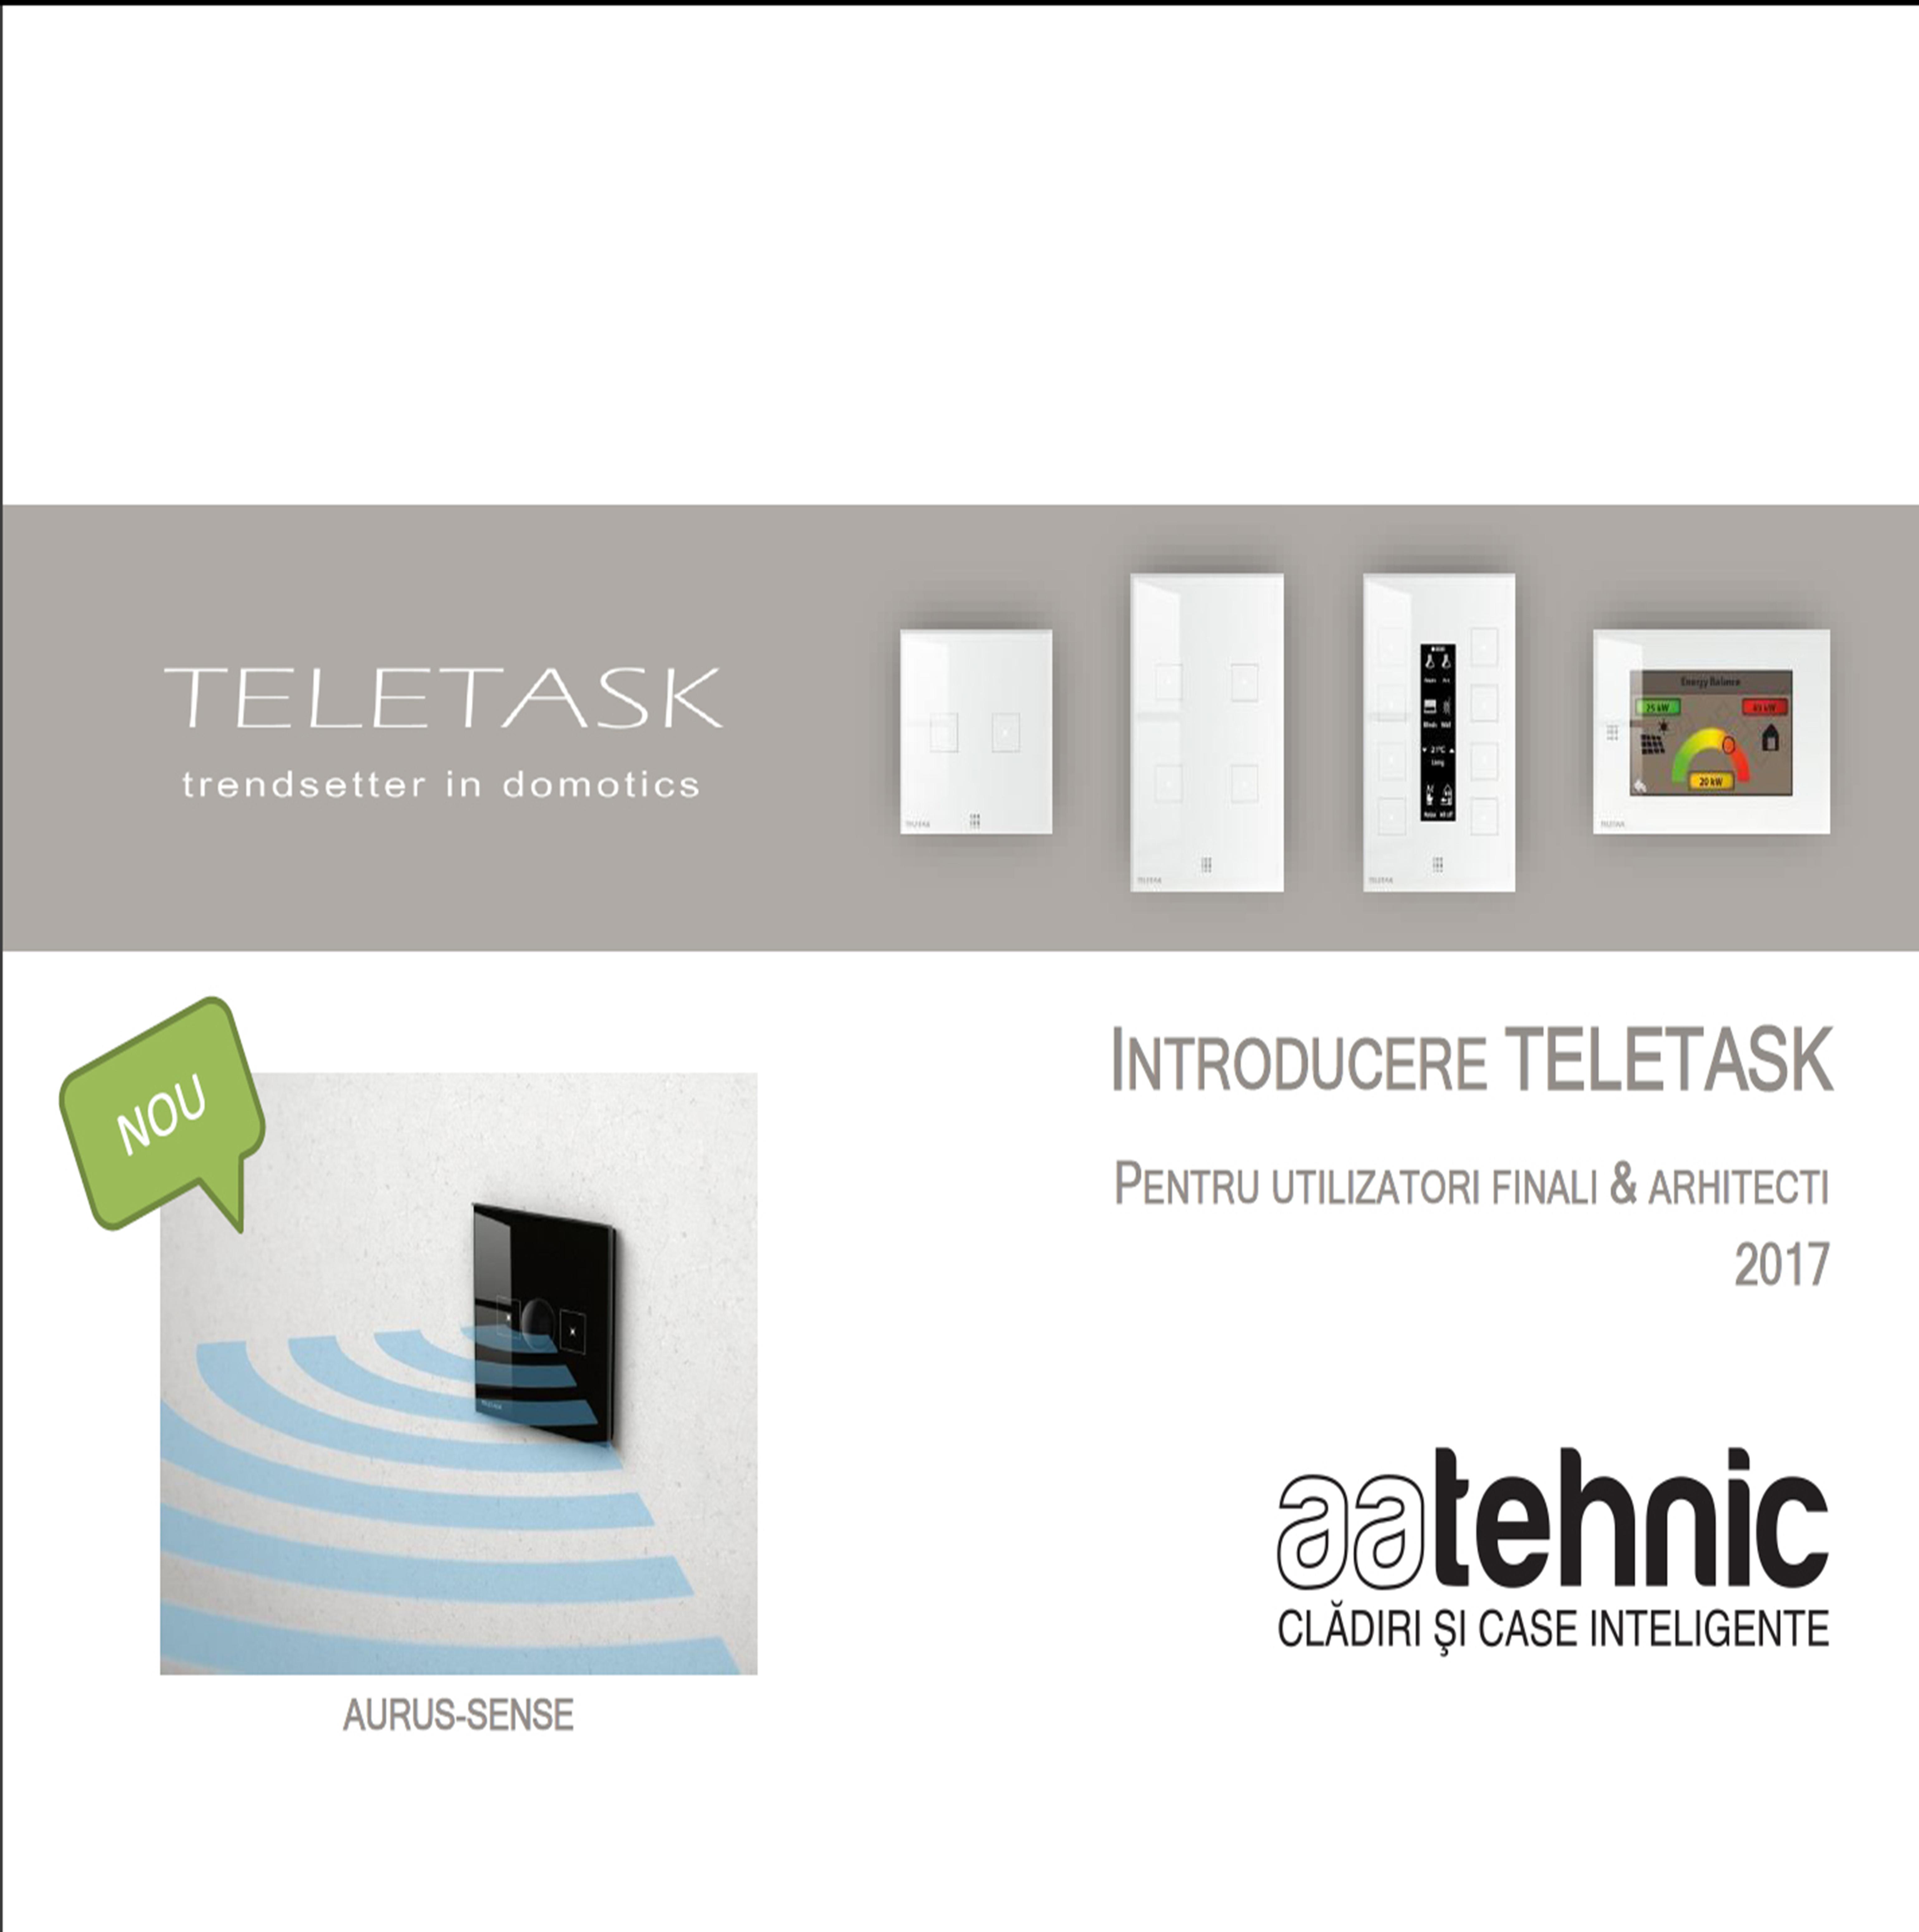 Sisteme de automatizari Teletask implementate de AA Tehnic, sisteme de securitate craiova, Automatizari Teletask si AA Tehnic, Teletask Romania